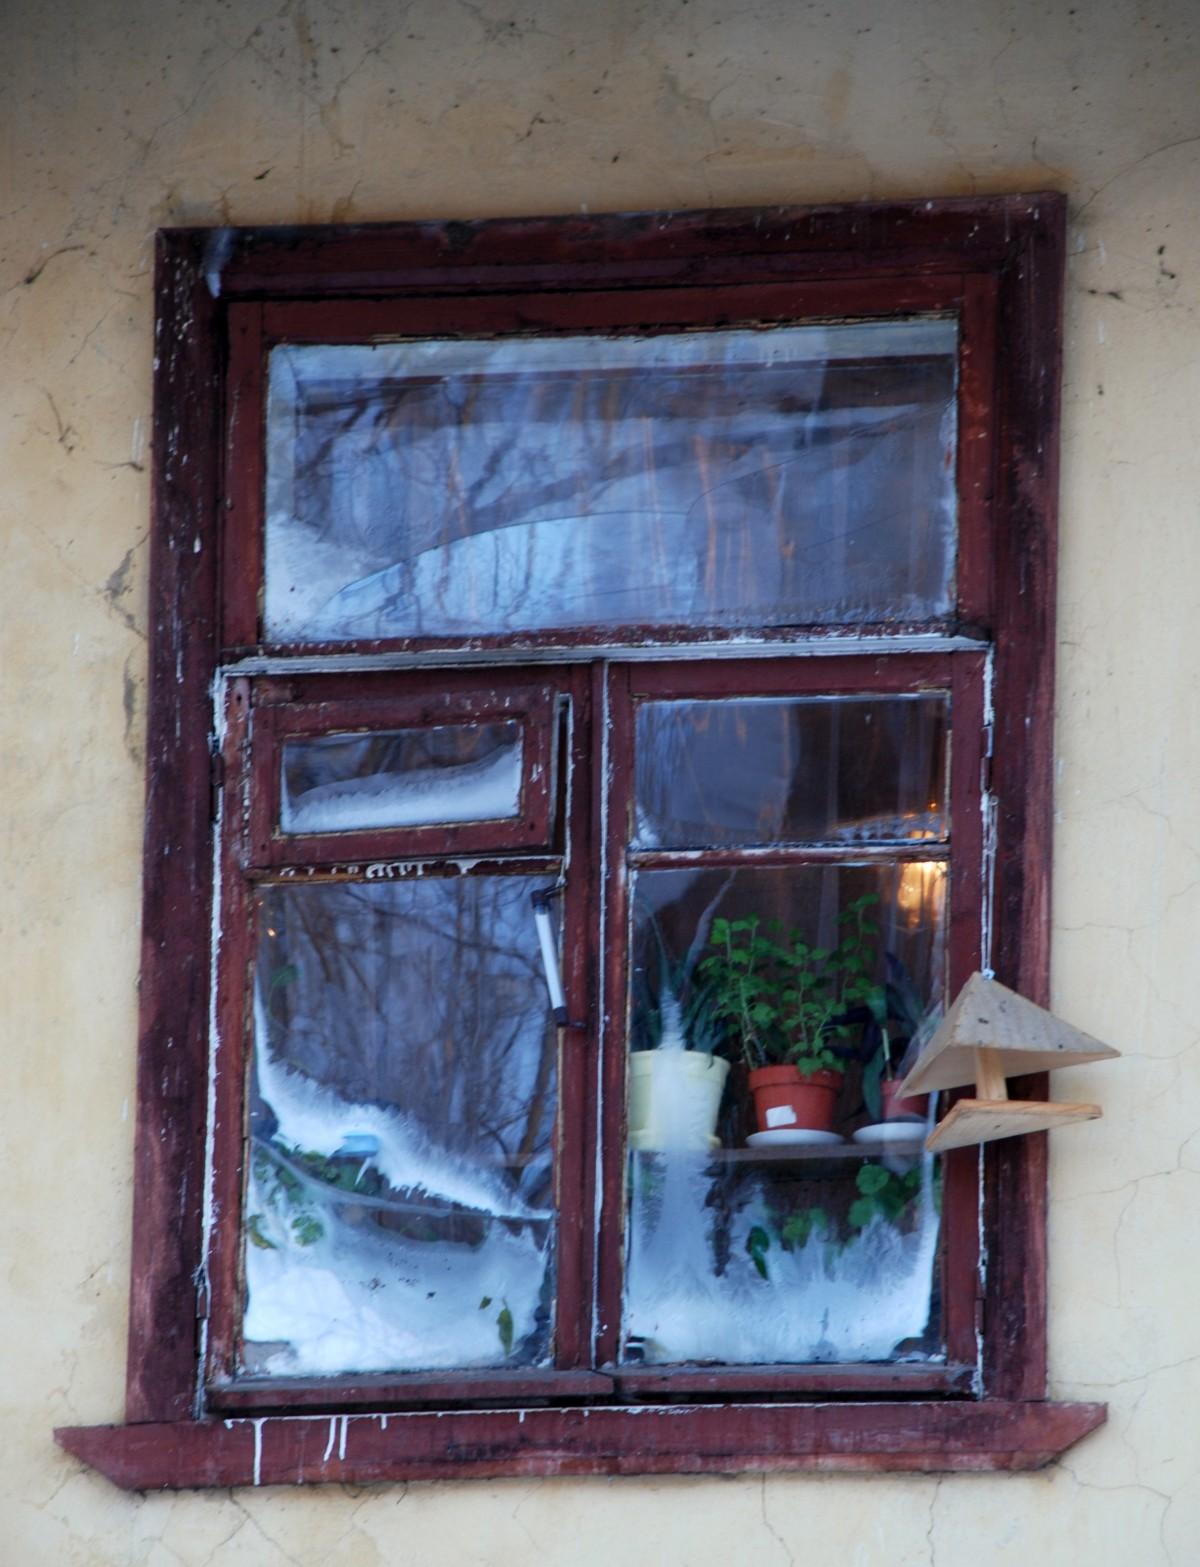 Fönster fönsterglas : Bakgrundsbilder : trä, fönster, glas, vägg, Färg, belysning ...